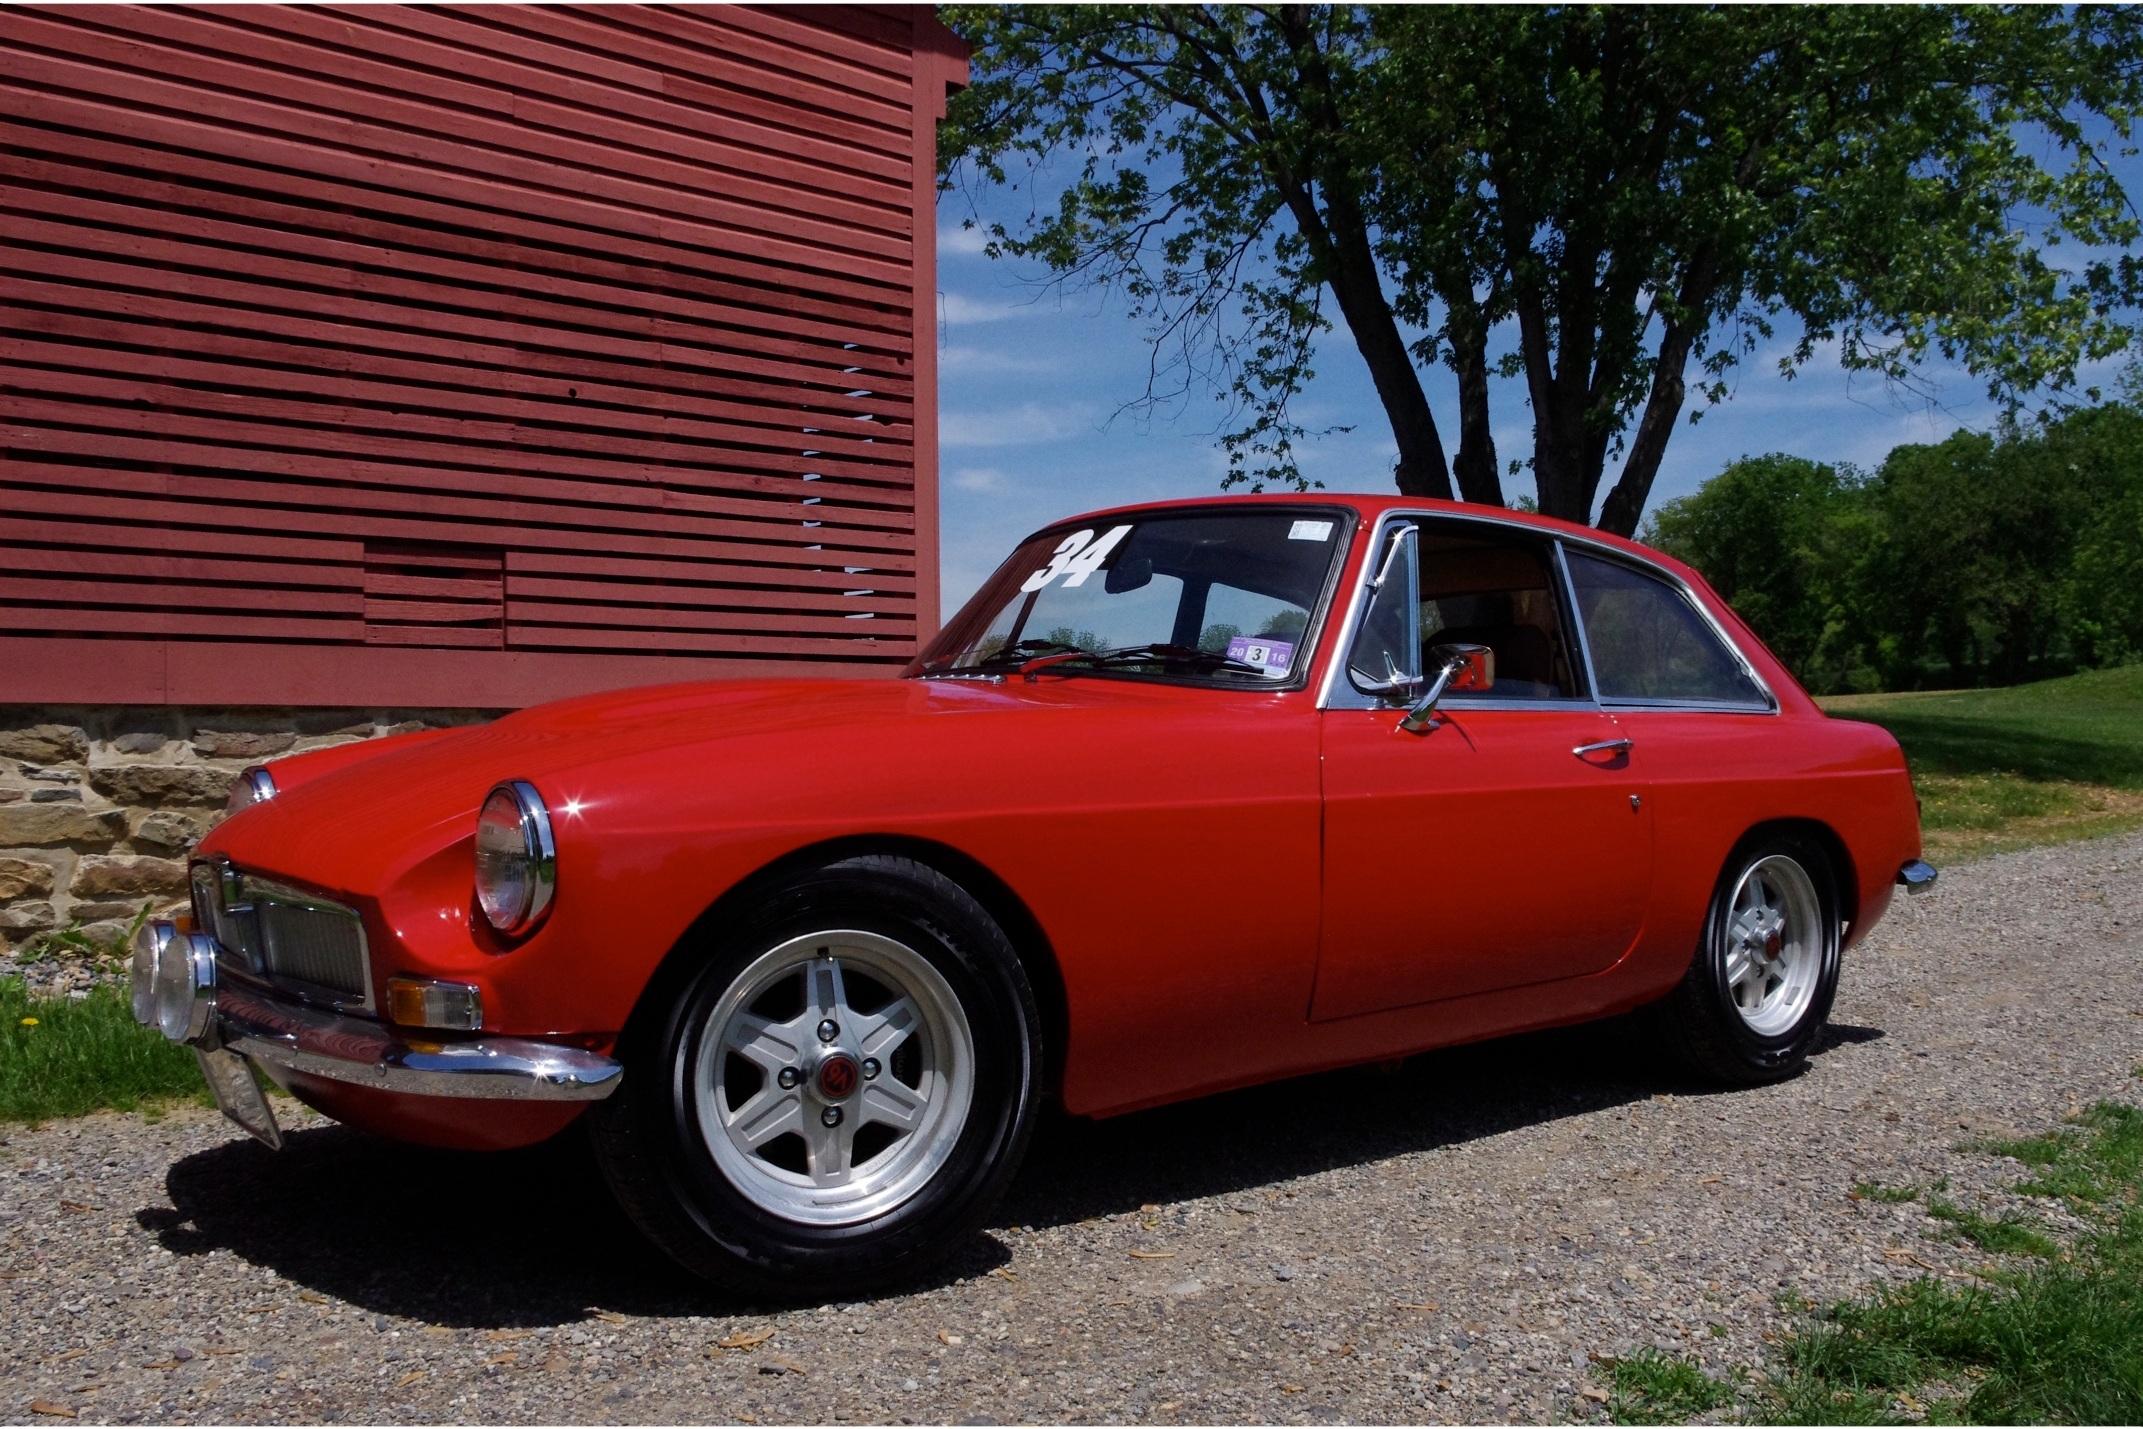 I Coulda Had a V8 - Ray Waugh / Caroline Waugh1967 MG MGB GT